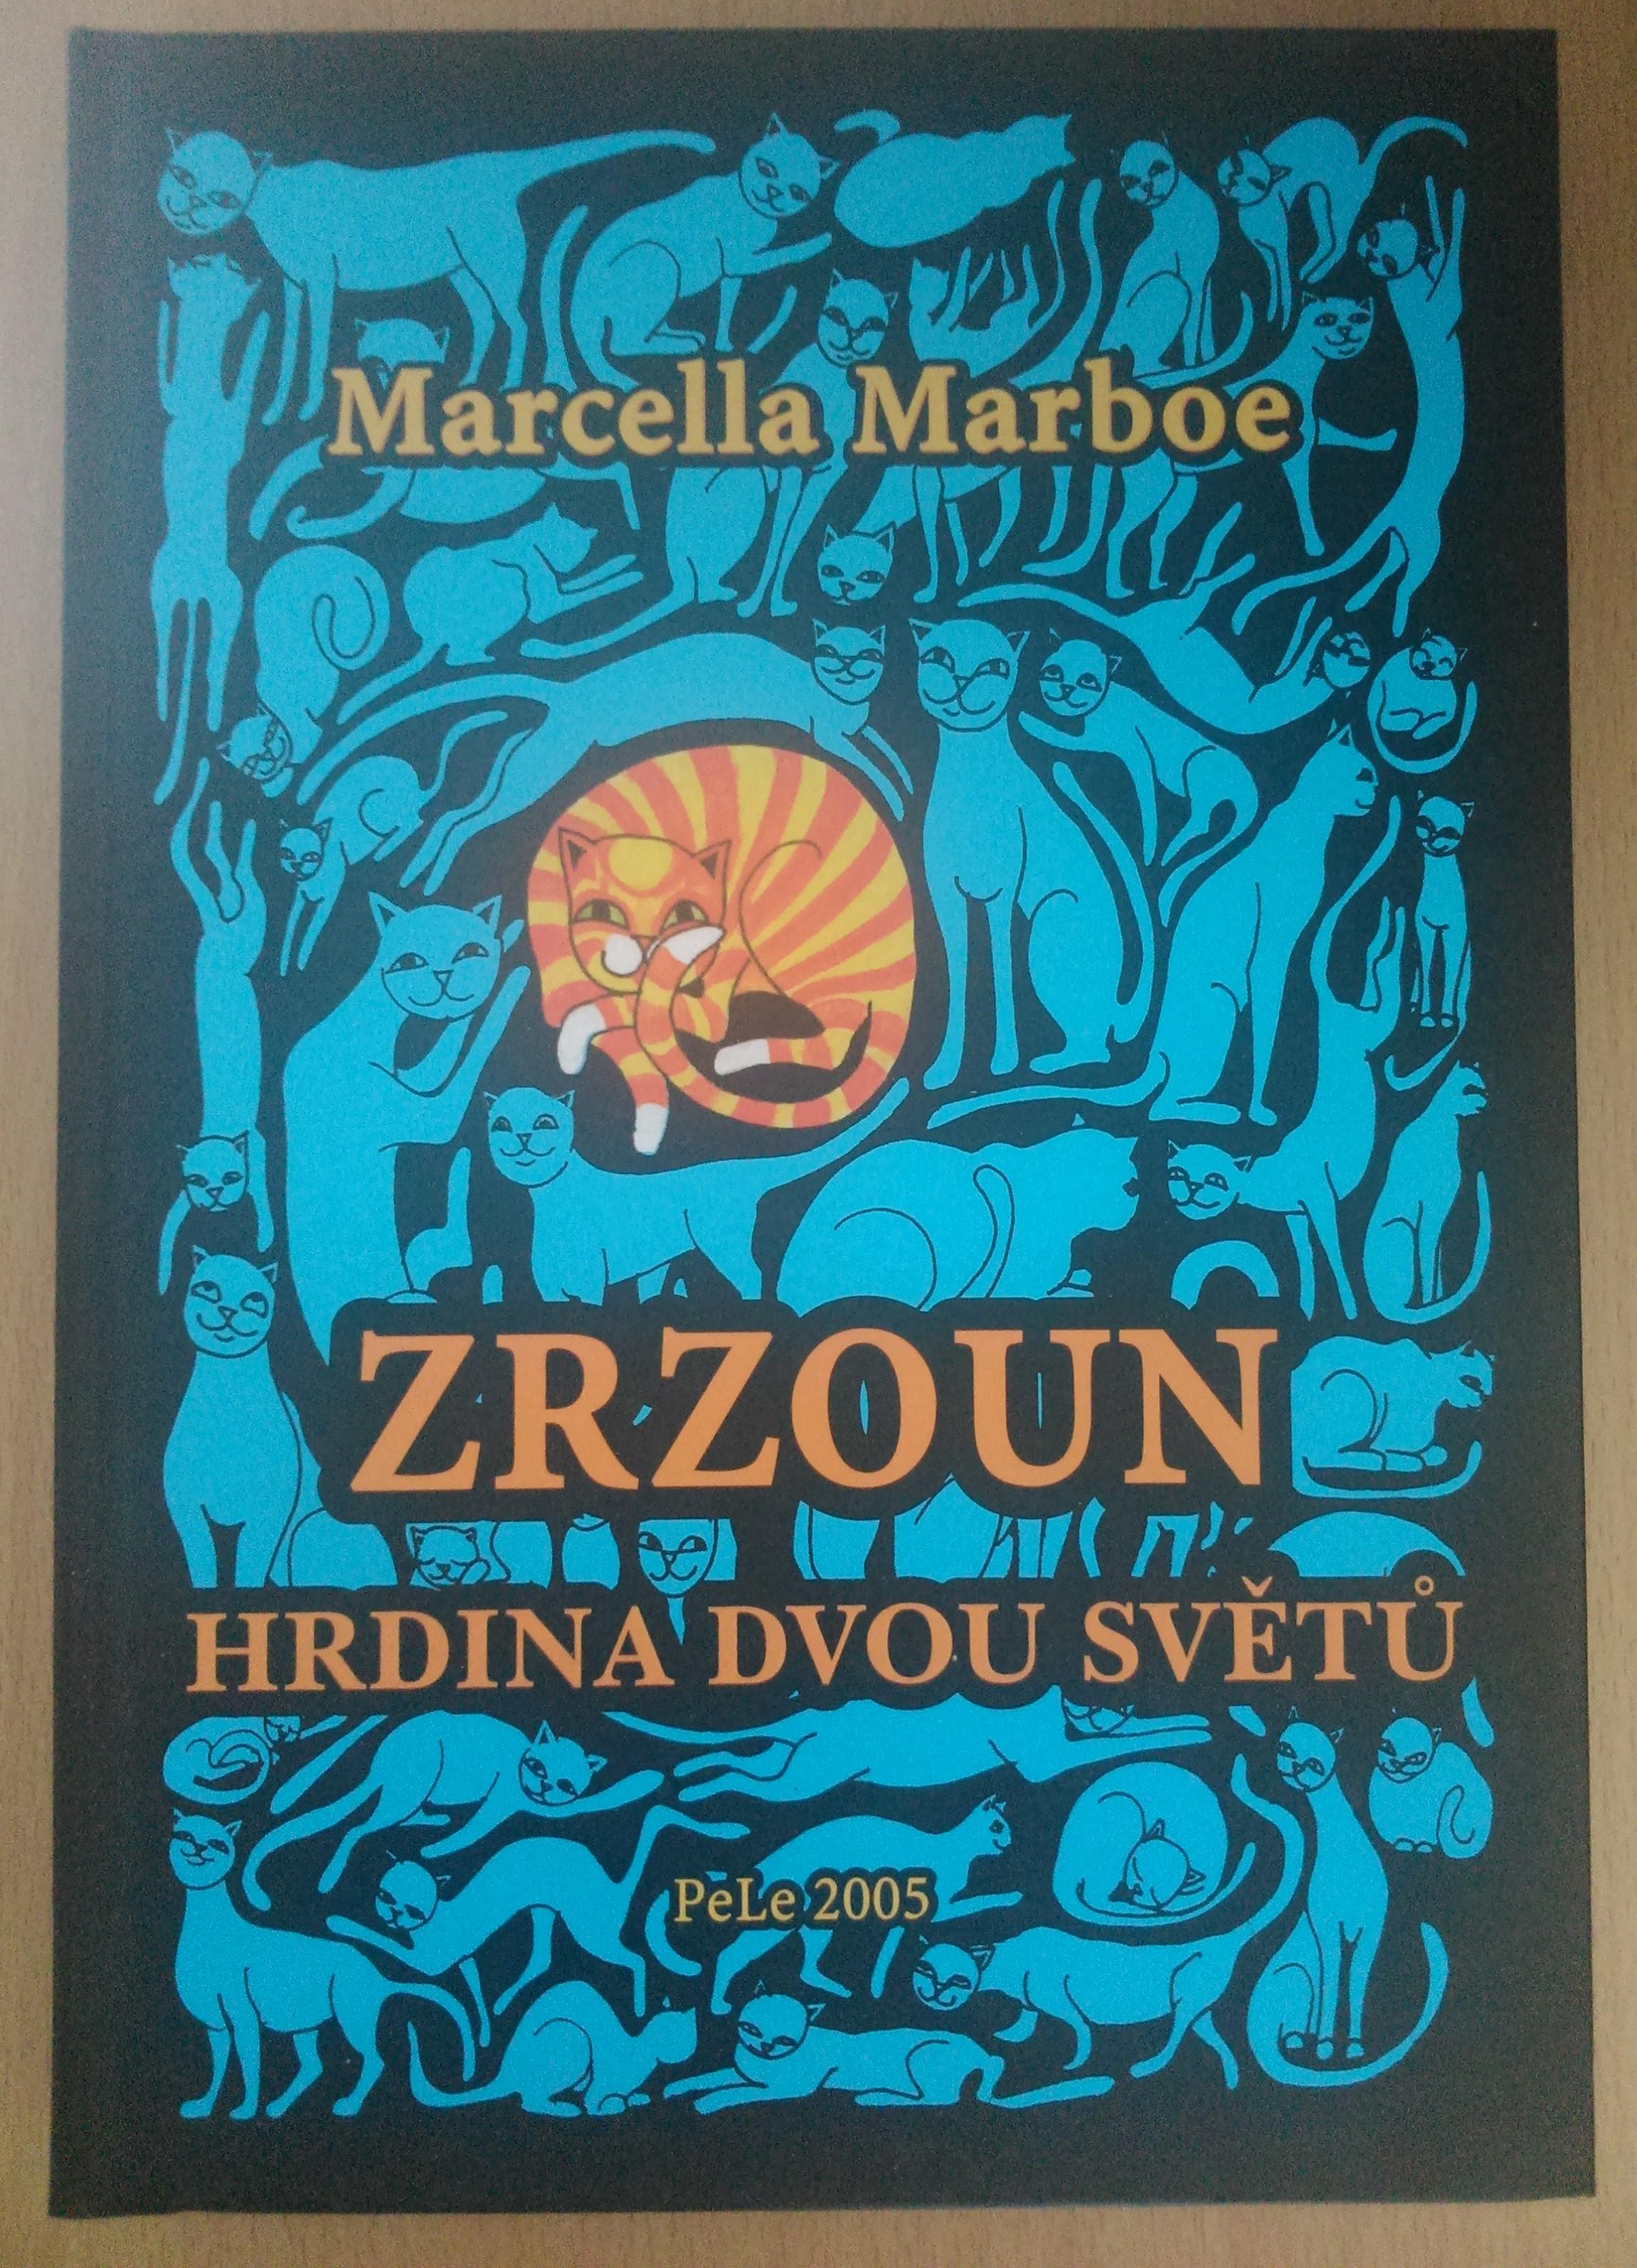 Zrzoun, hrdina dvou světů - Marcella Marboe